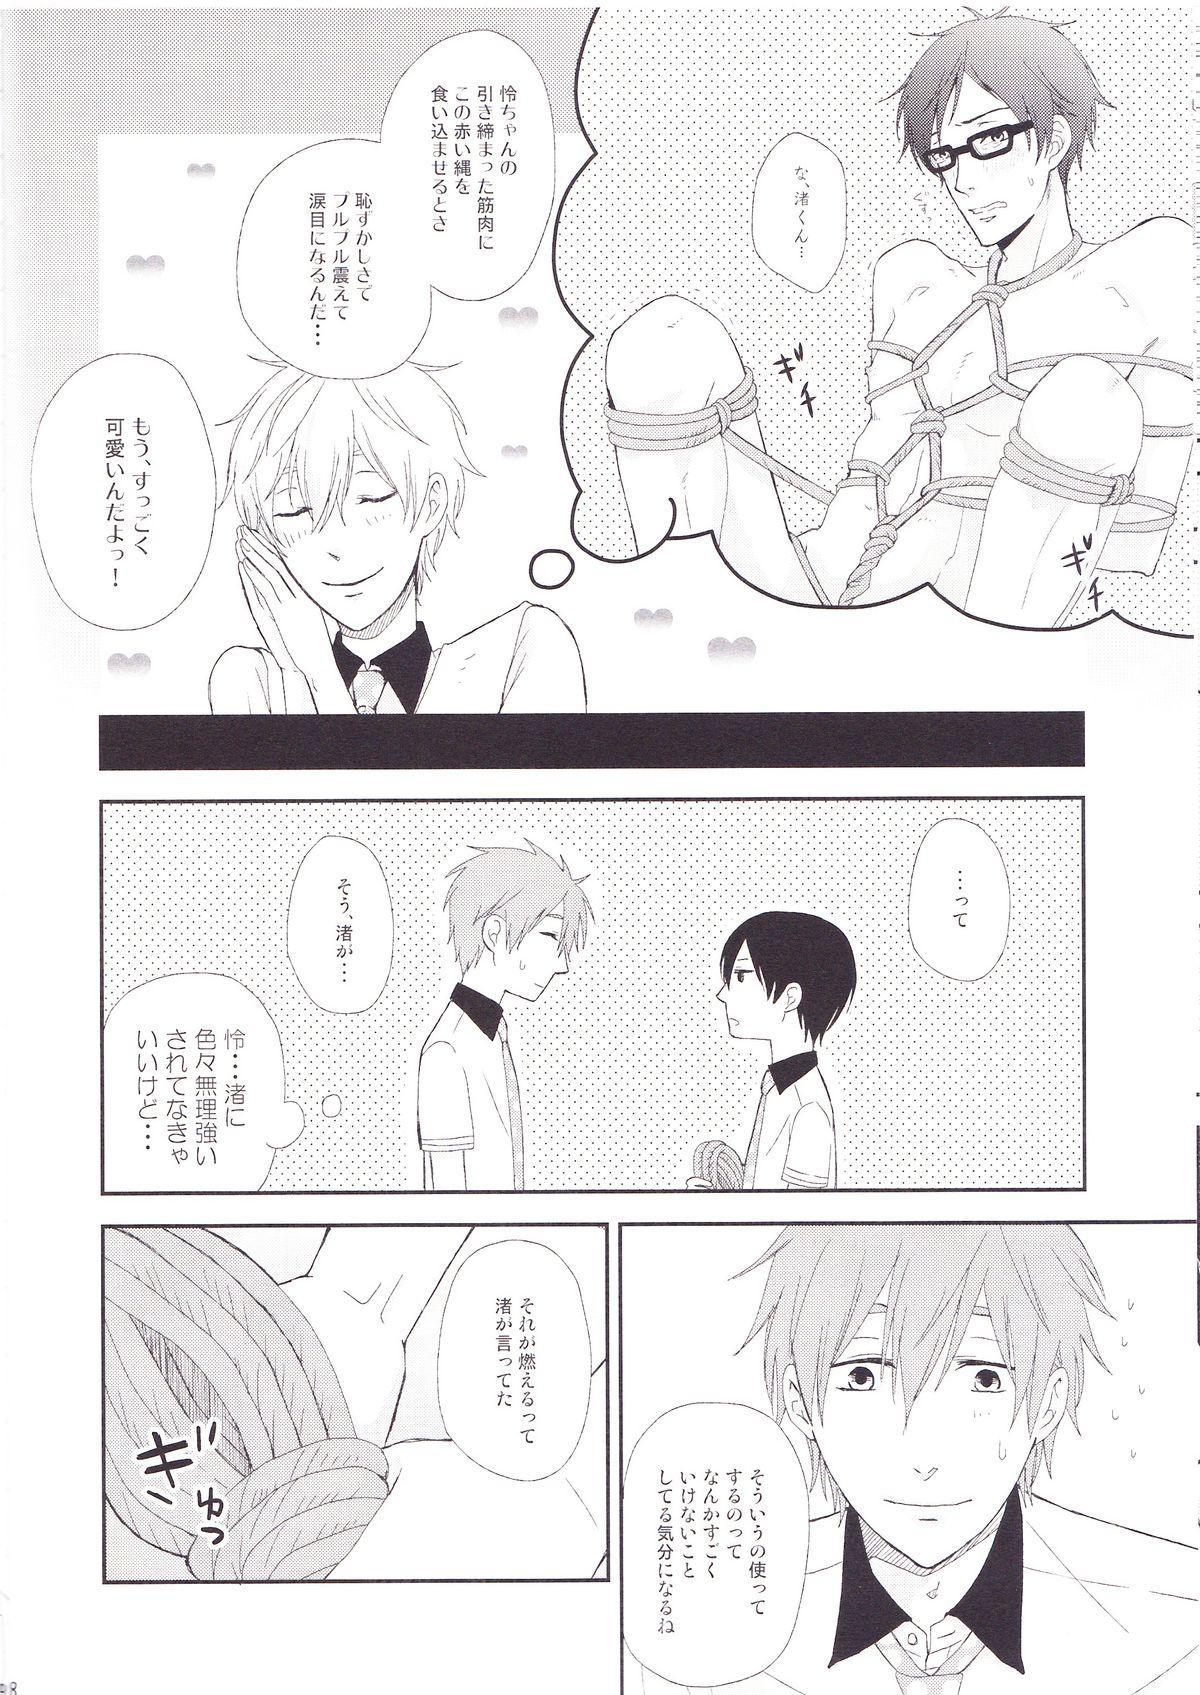 Koi no nawa shikakemashou 7